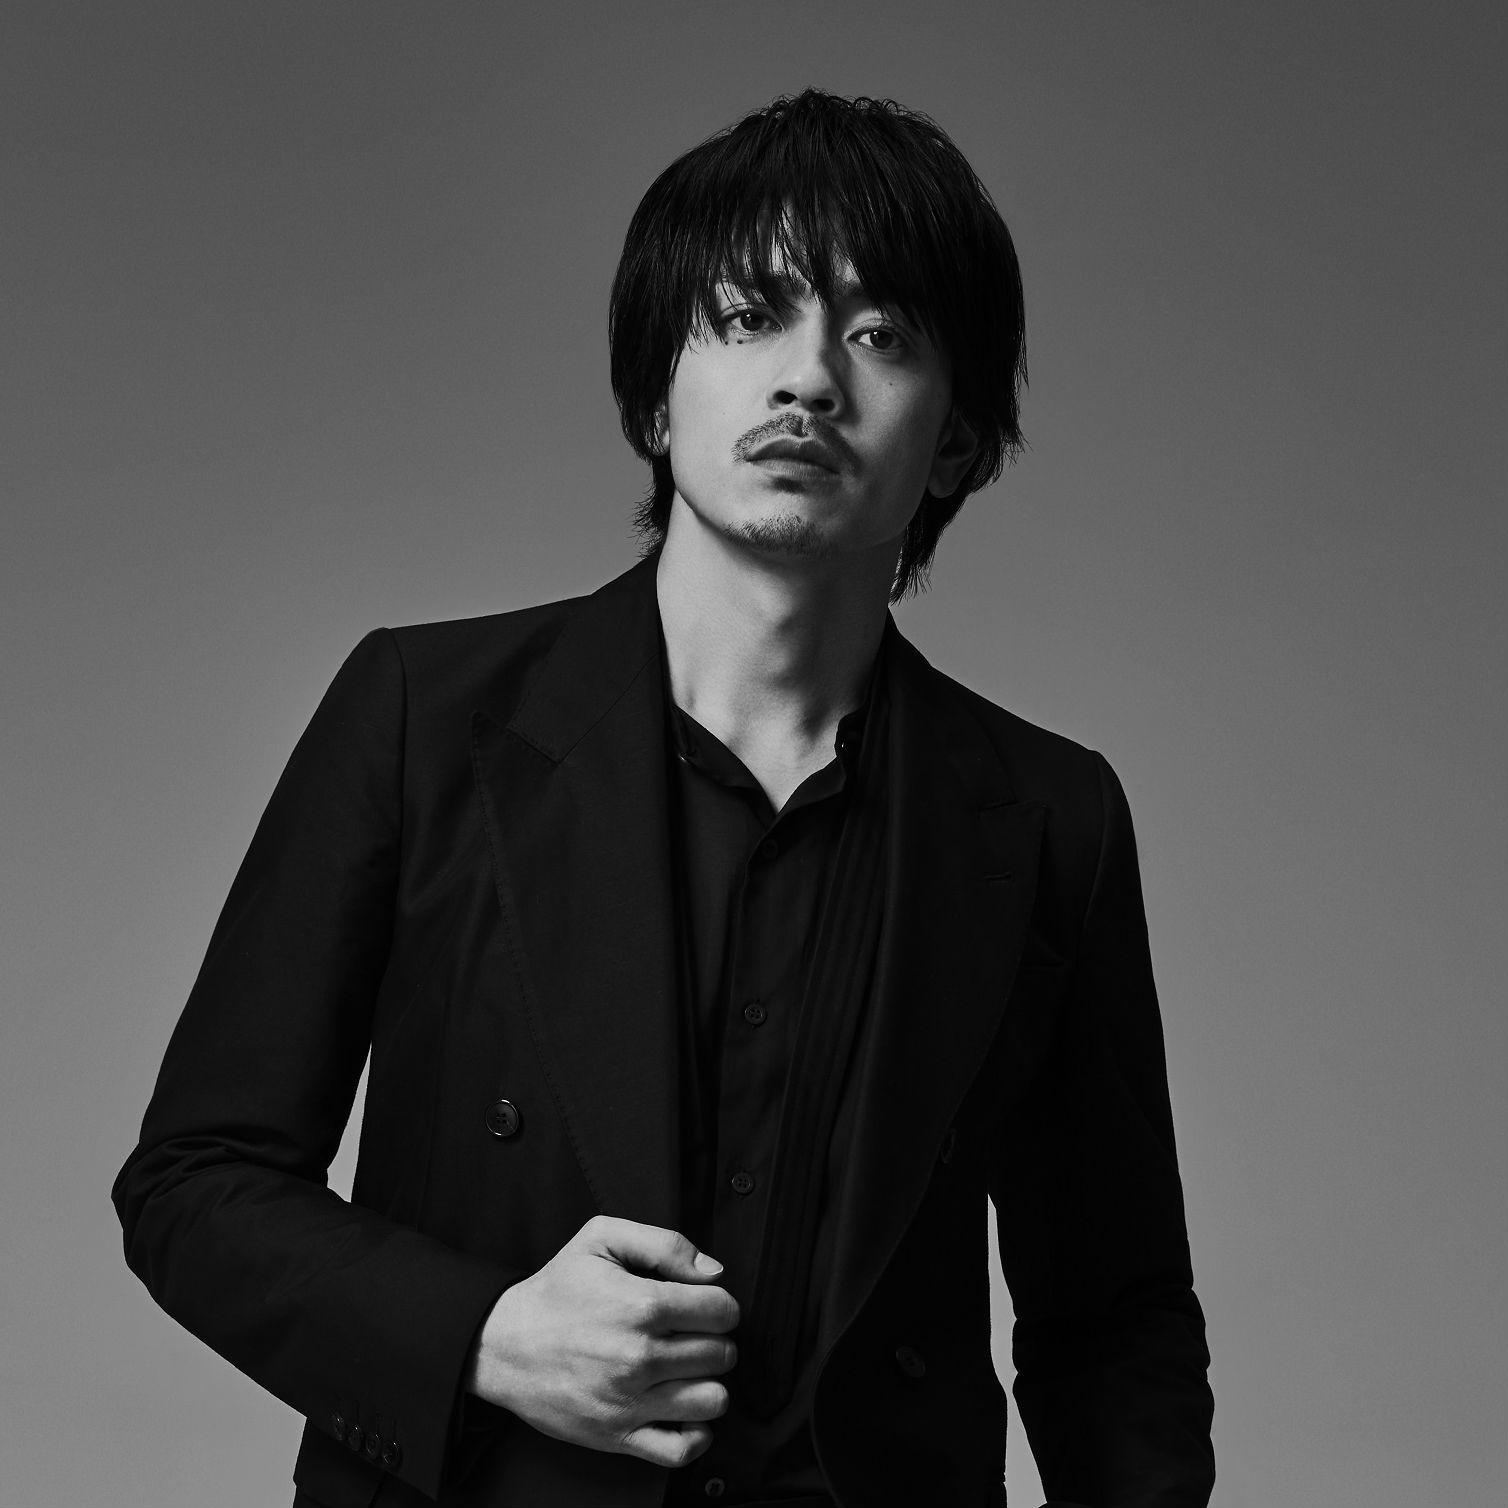 ワイルドでセクシーなオーラで<br />人気急上昇中の注目俳優・青柳翔が<br />2ndシングル『そんなんじゃない』発表